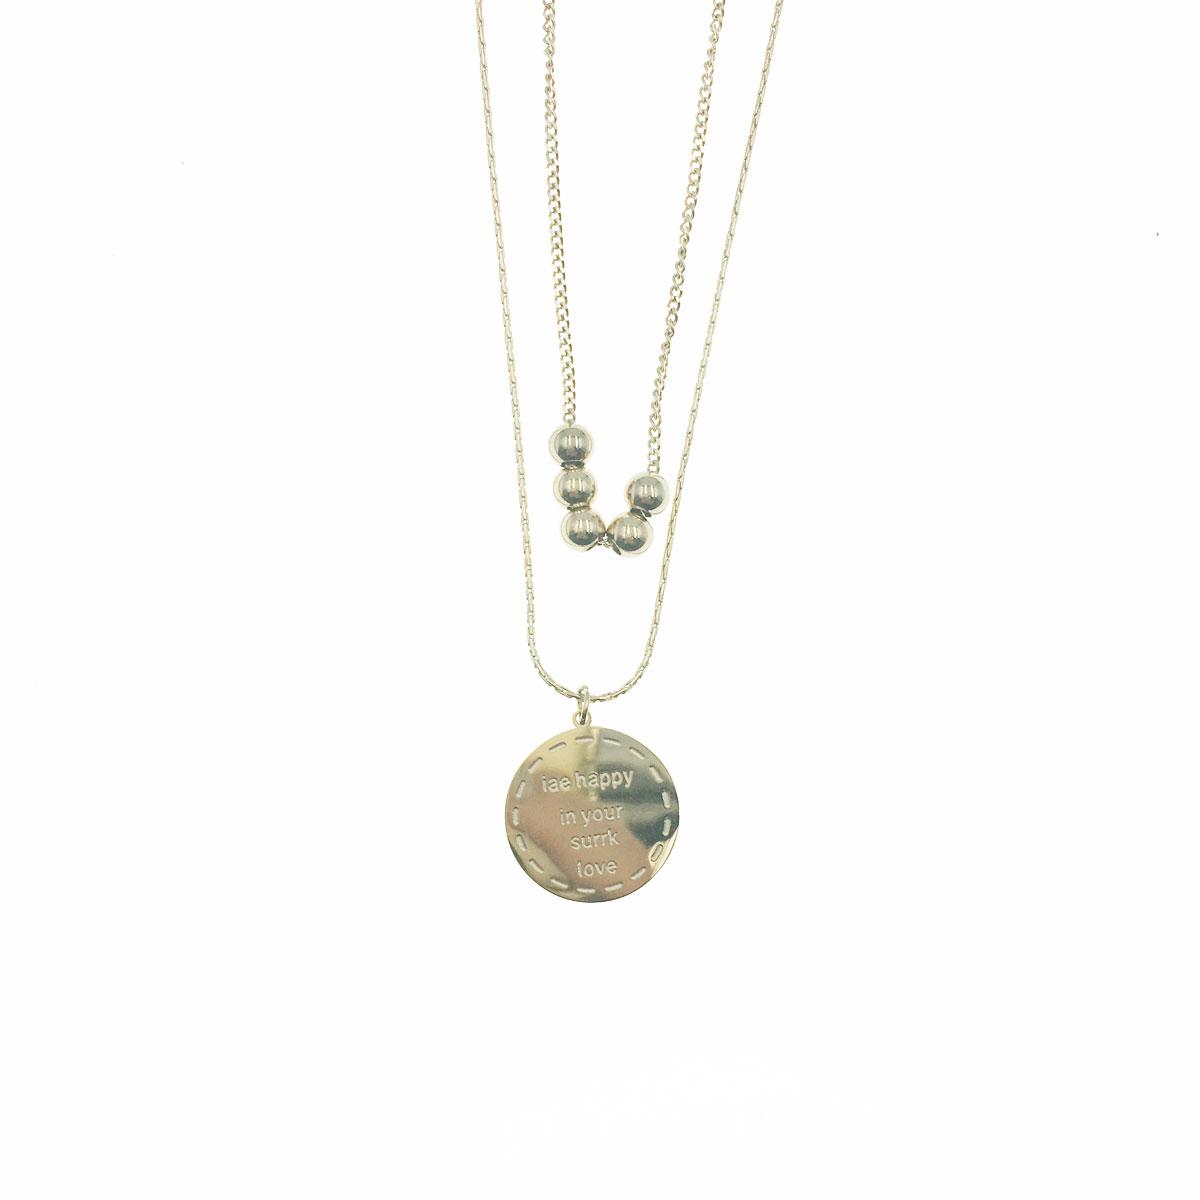 韓國 不銹鋼 金屬球 英文 圓 鎖骨鍊 短鍊 項鍊